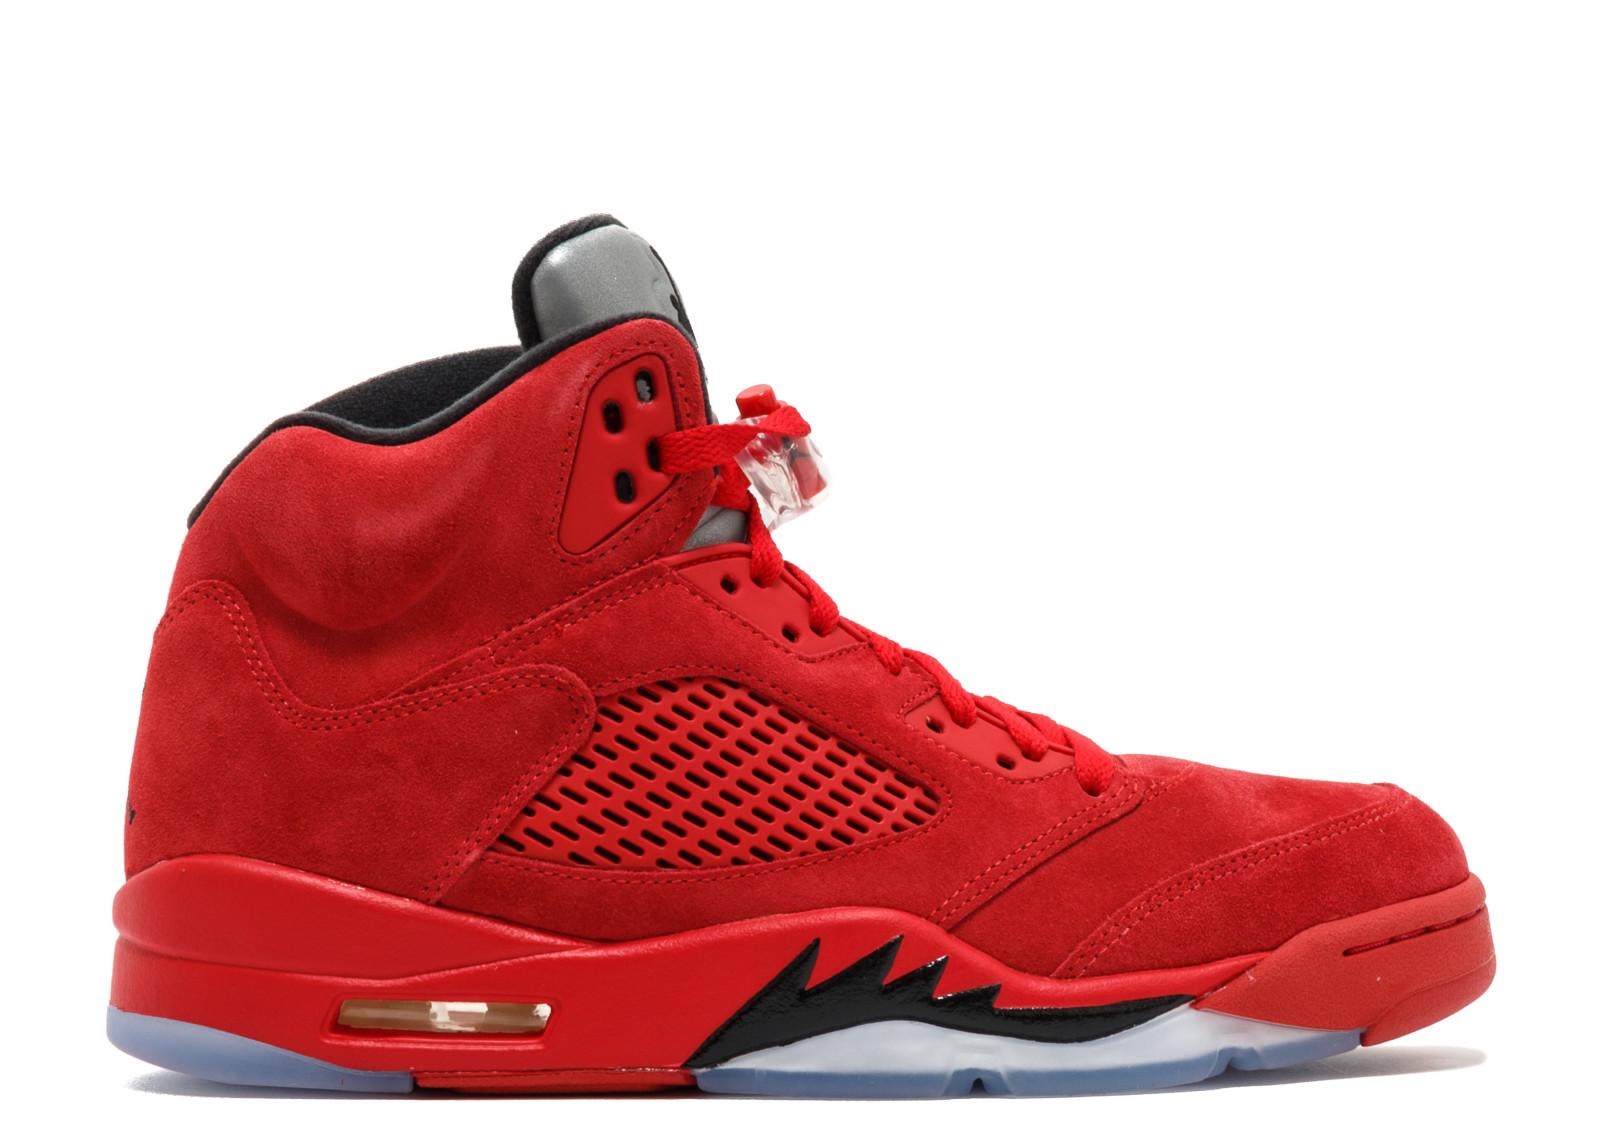 68d014ef773 Kick Avenue - Authentic Sneakers